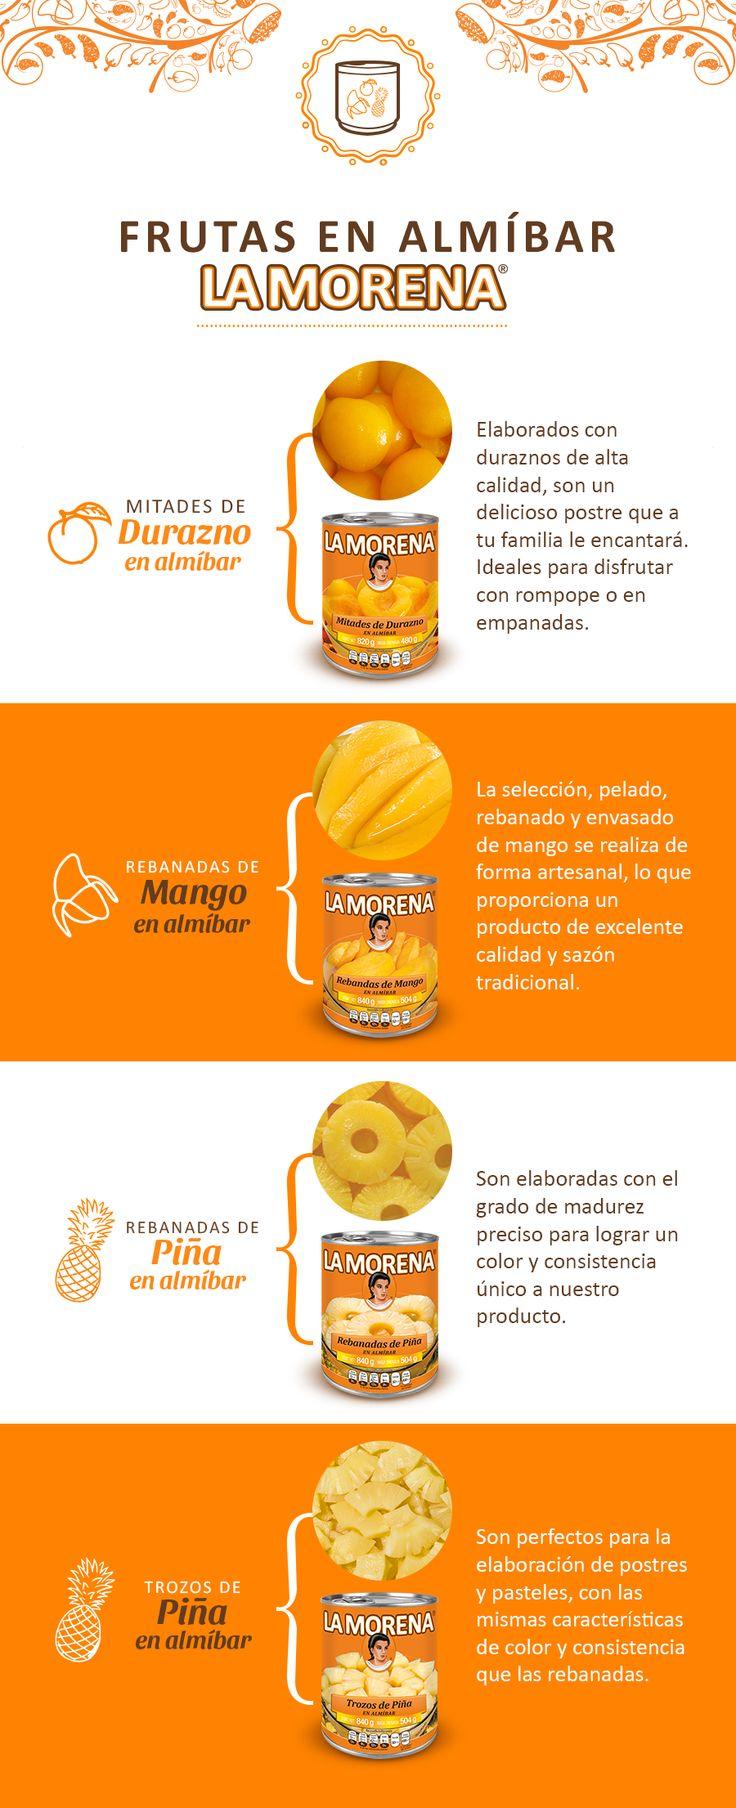 Conoce nuestra variedad de frutas en almíbar La Morena.